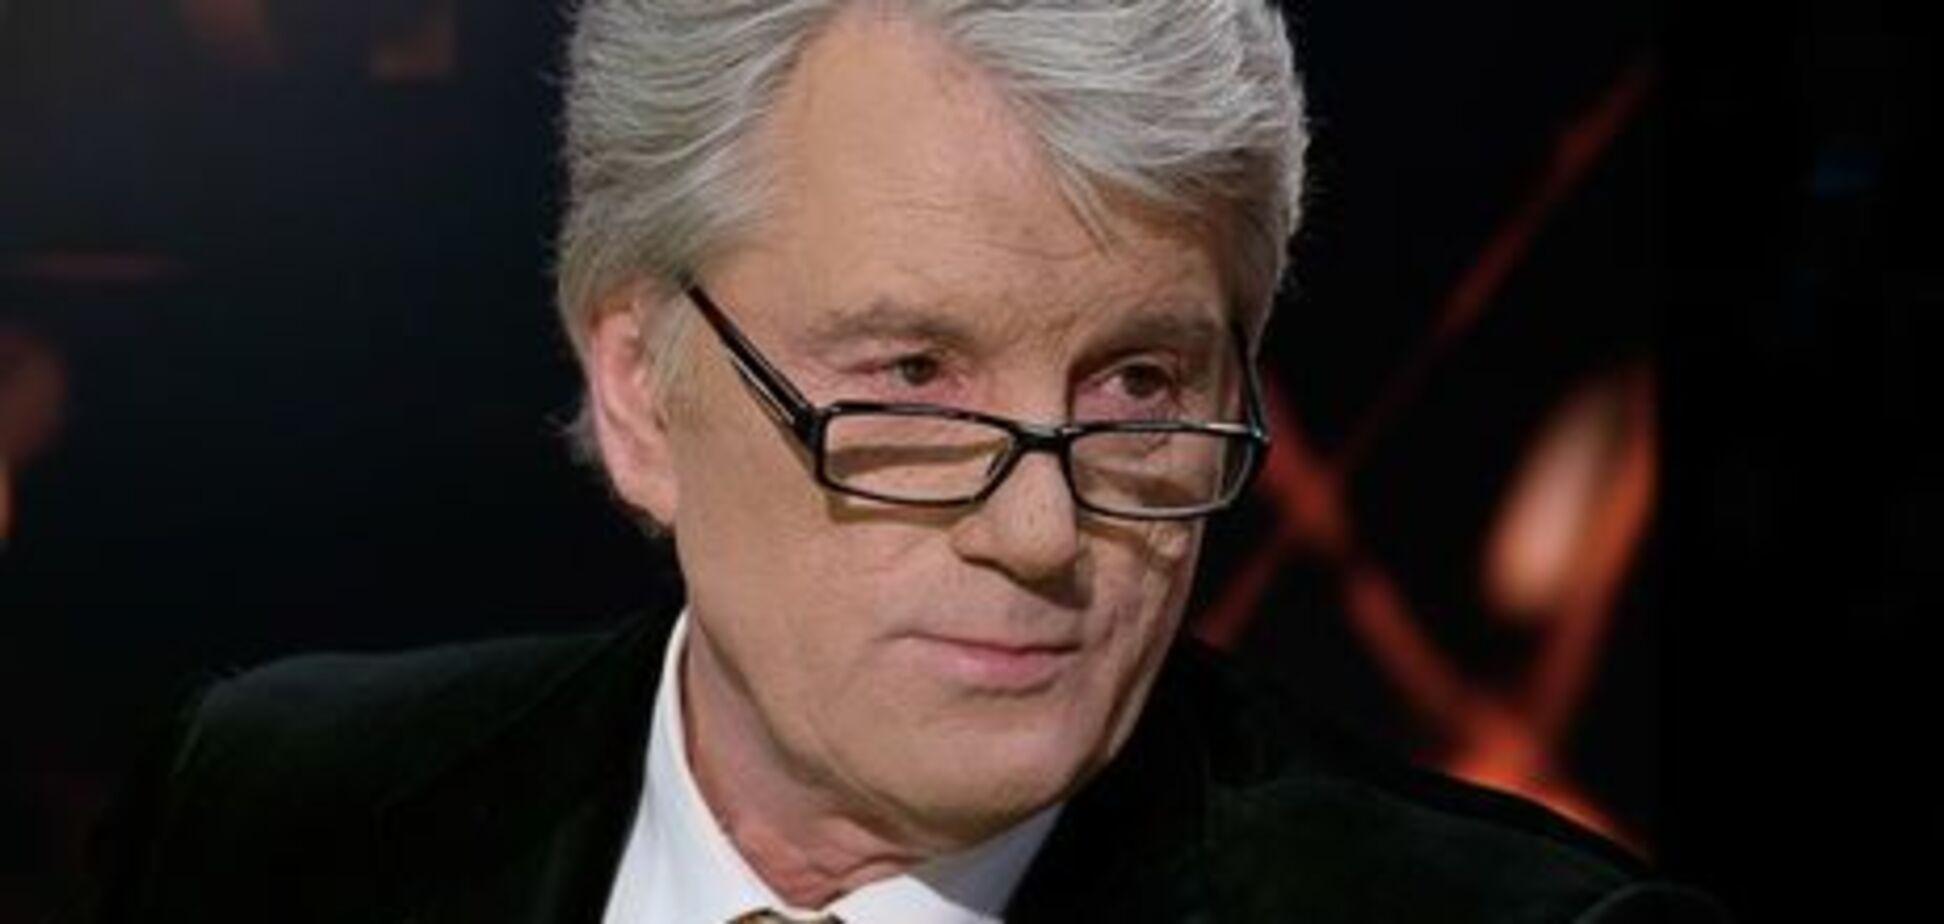 'Інші так не можуть': Ющенко дав яскраву характеристику Ляшку